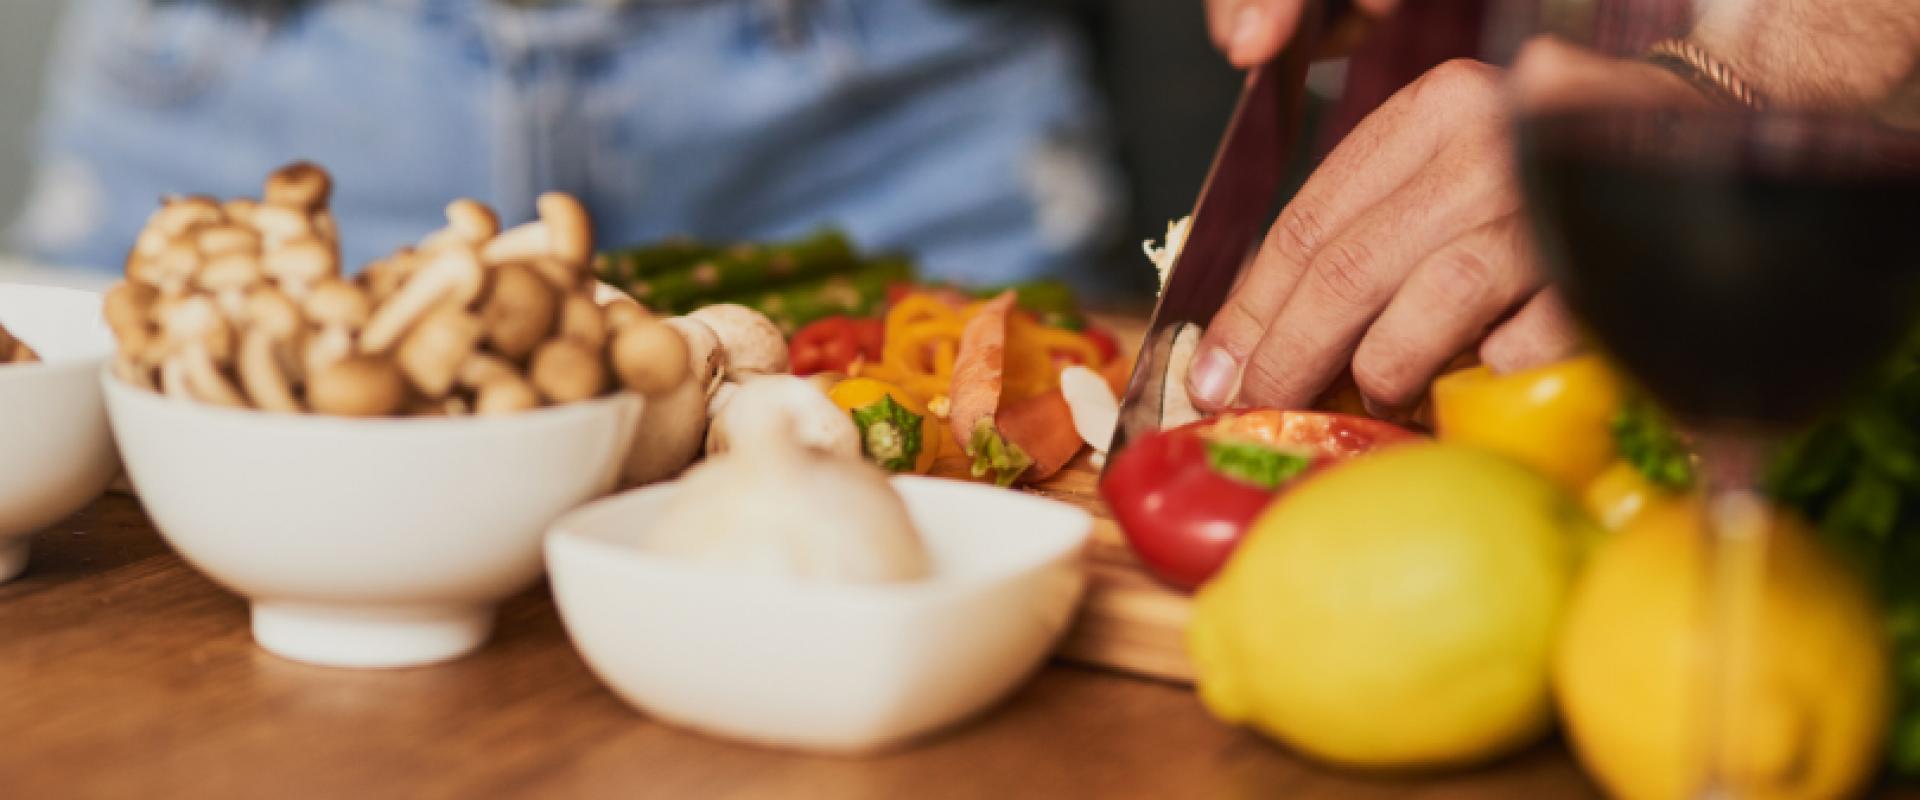 5 maneiras simples para deixar suas refeições mais apetitosas